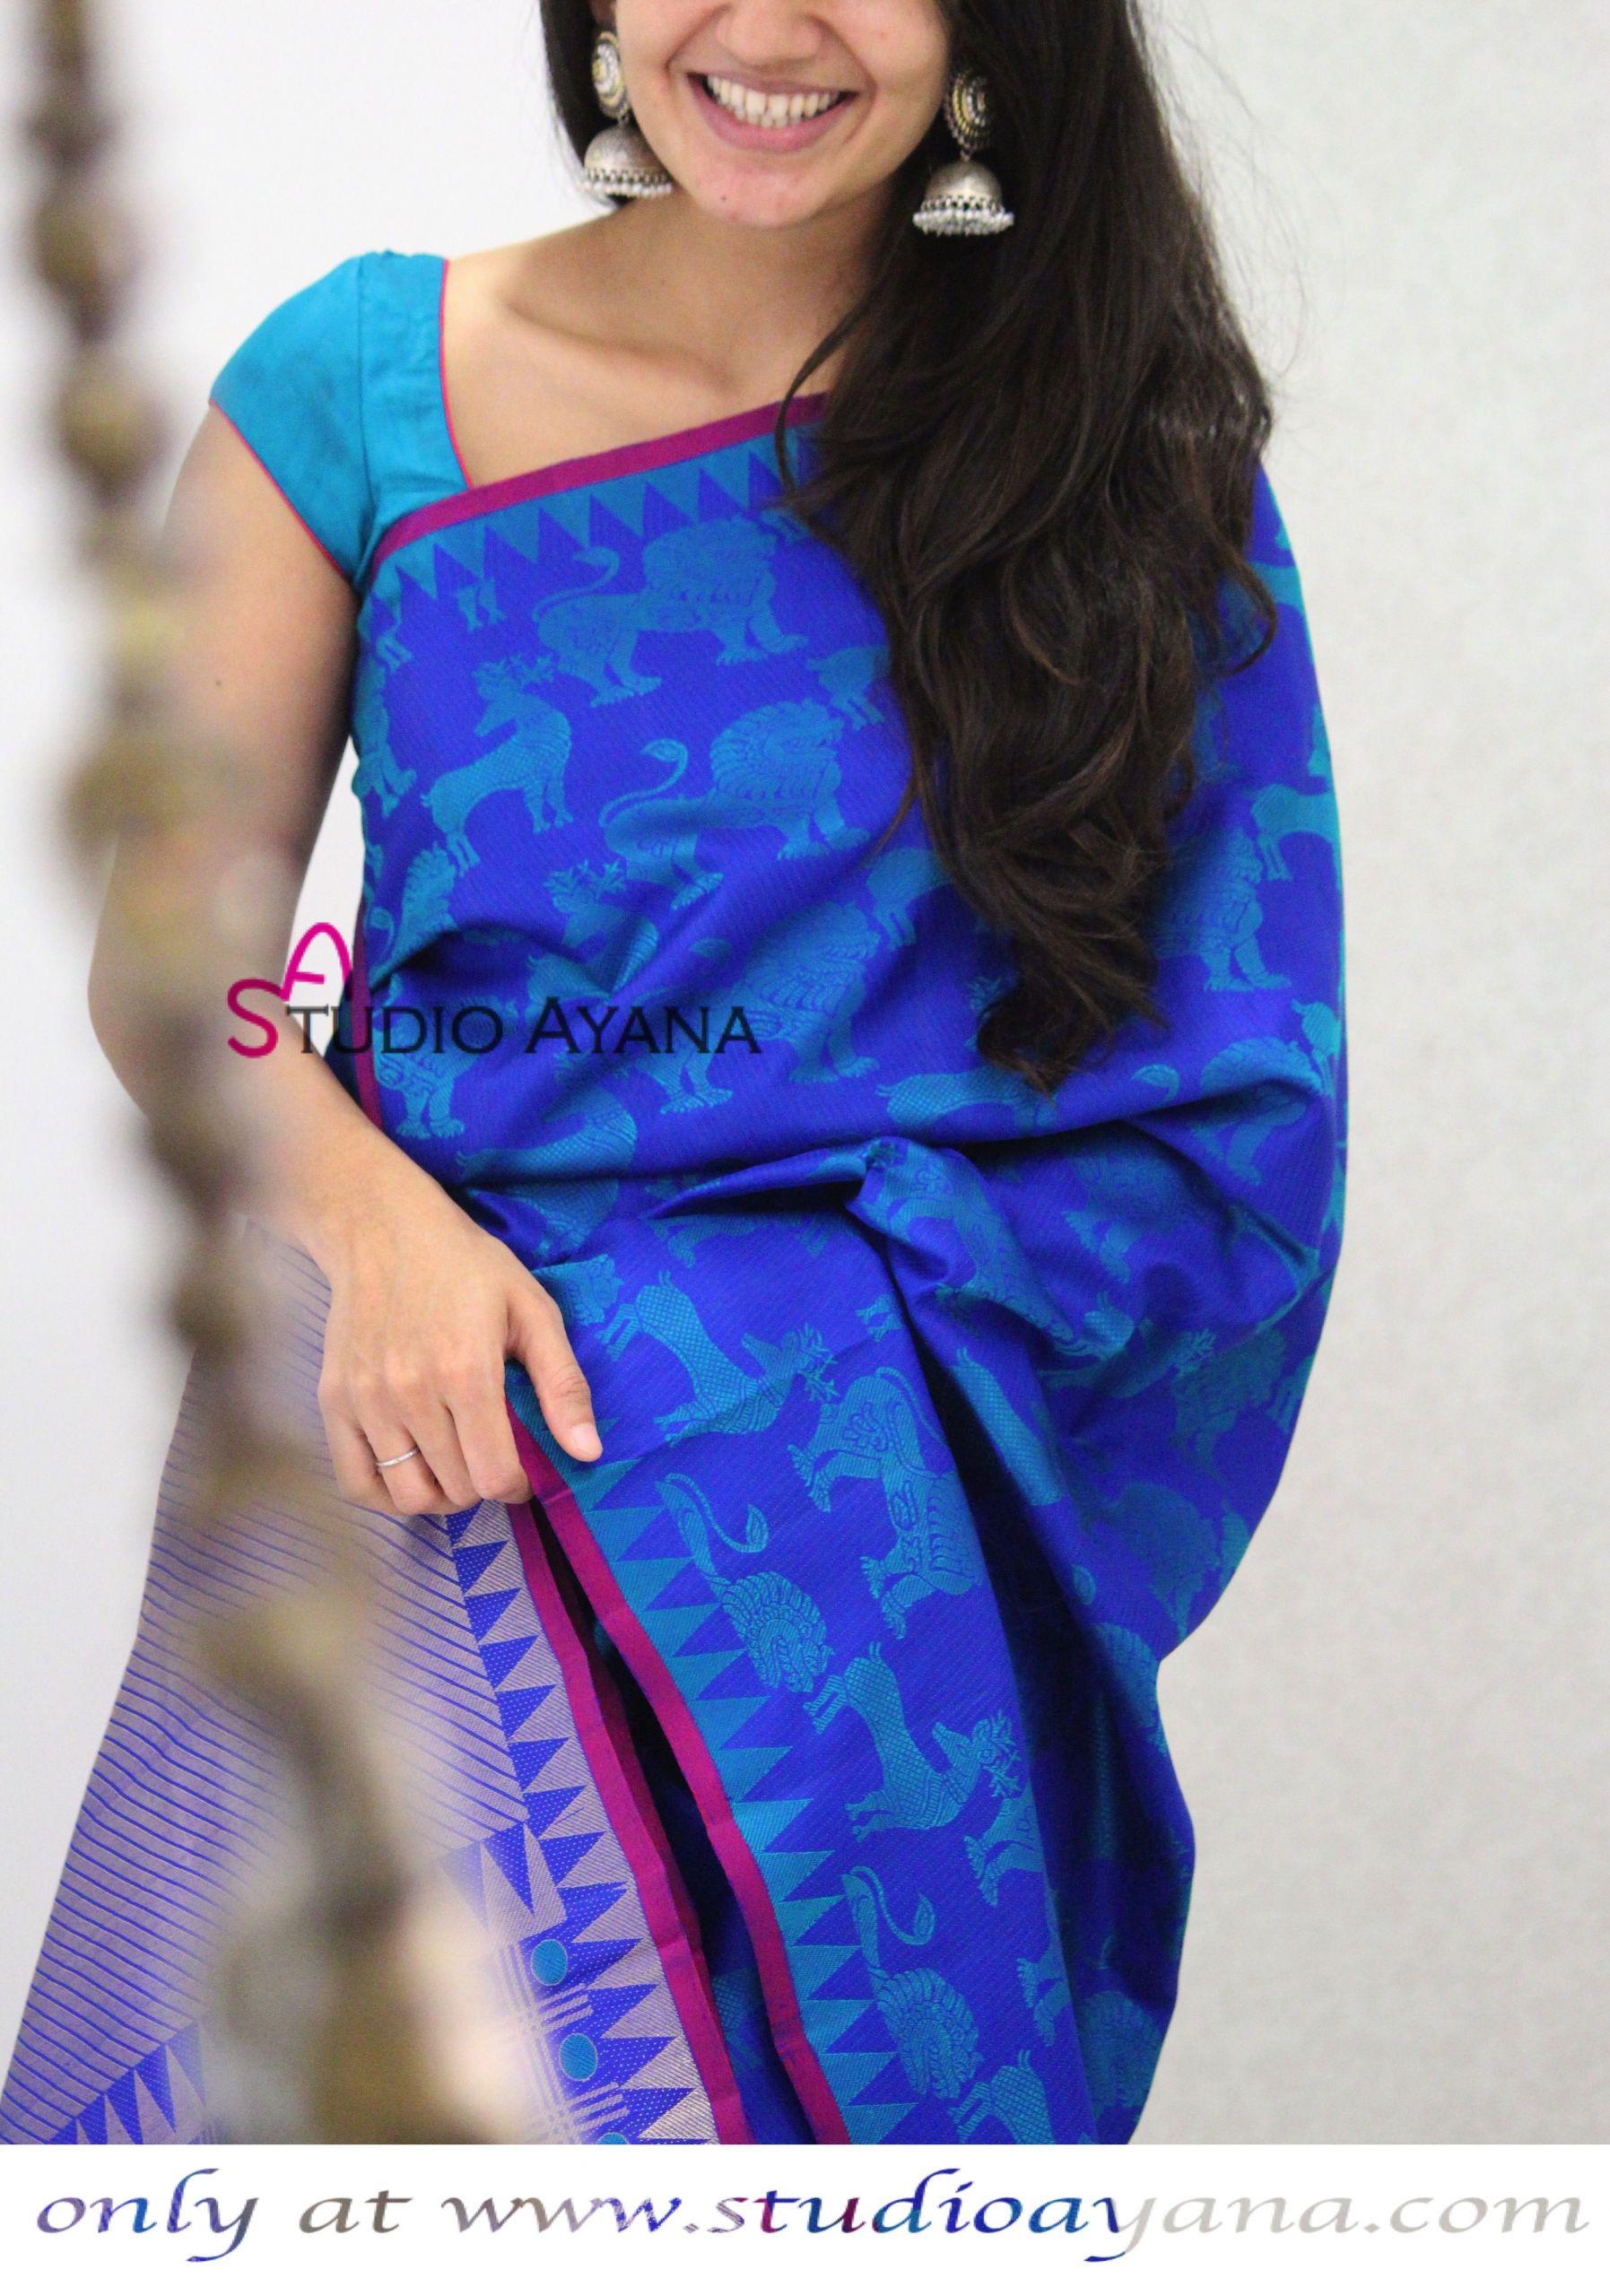 Gartengestaltung Online Schön Simhavarnam Handcrafted Kanchipuram Silk Saree From Studio